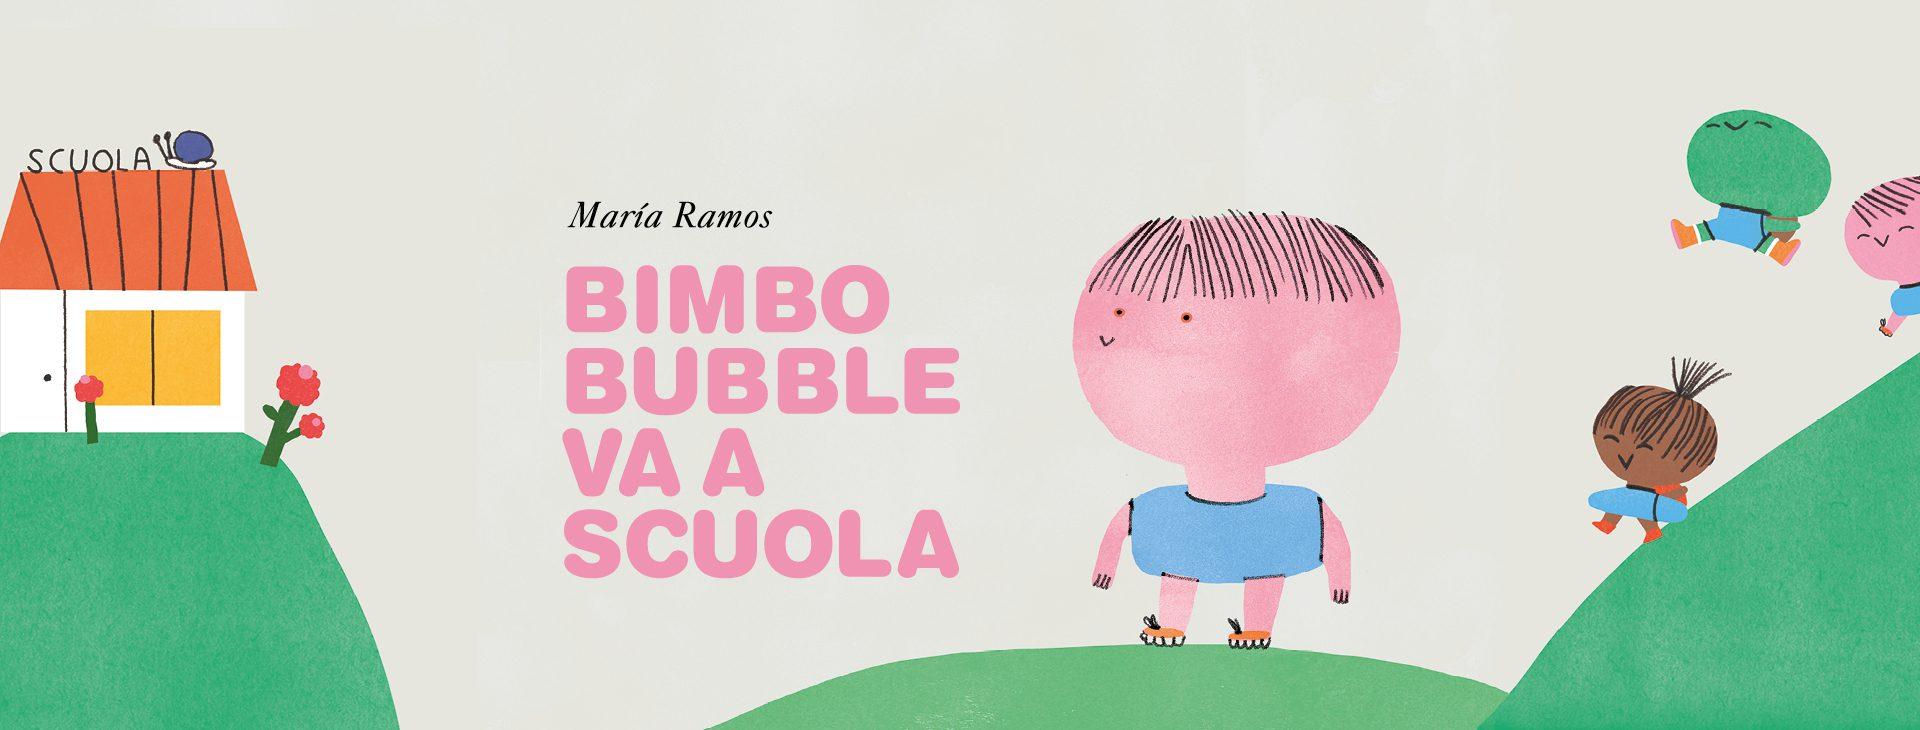 bimbo bubble va a scuola